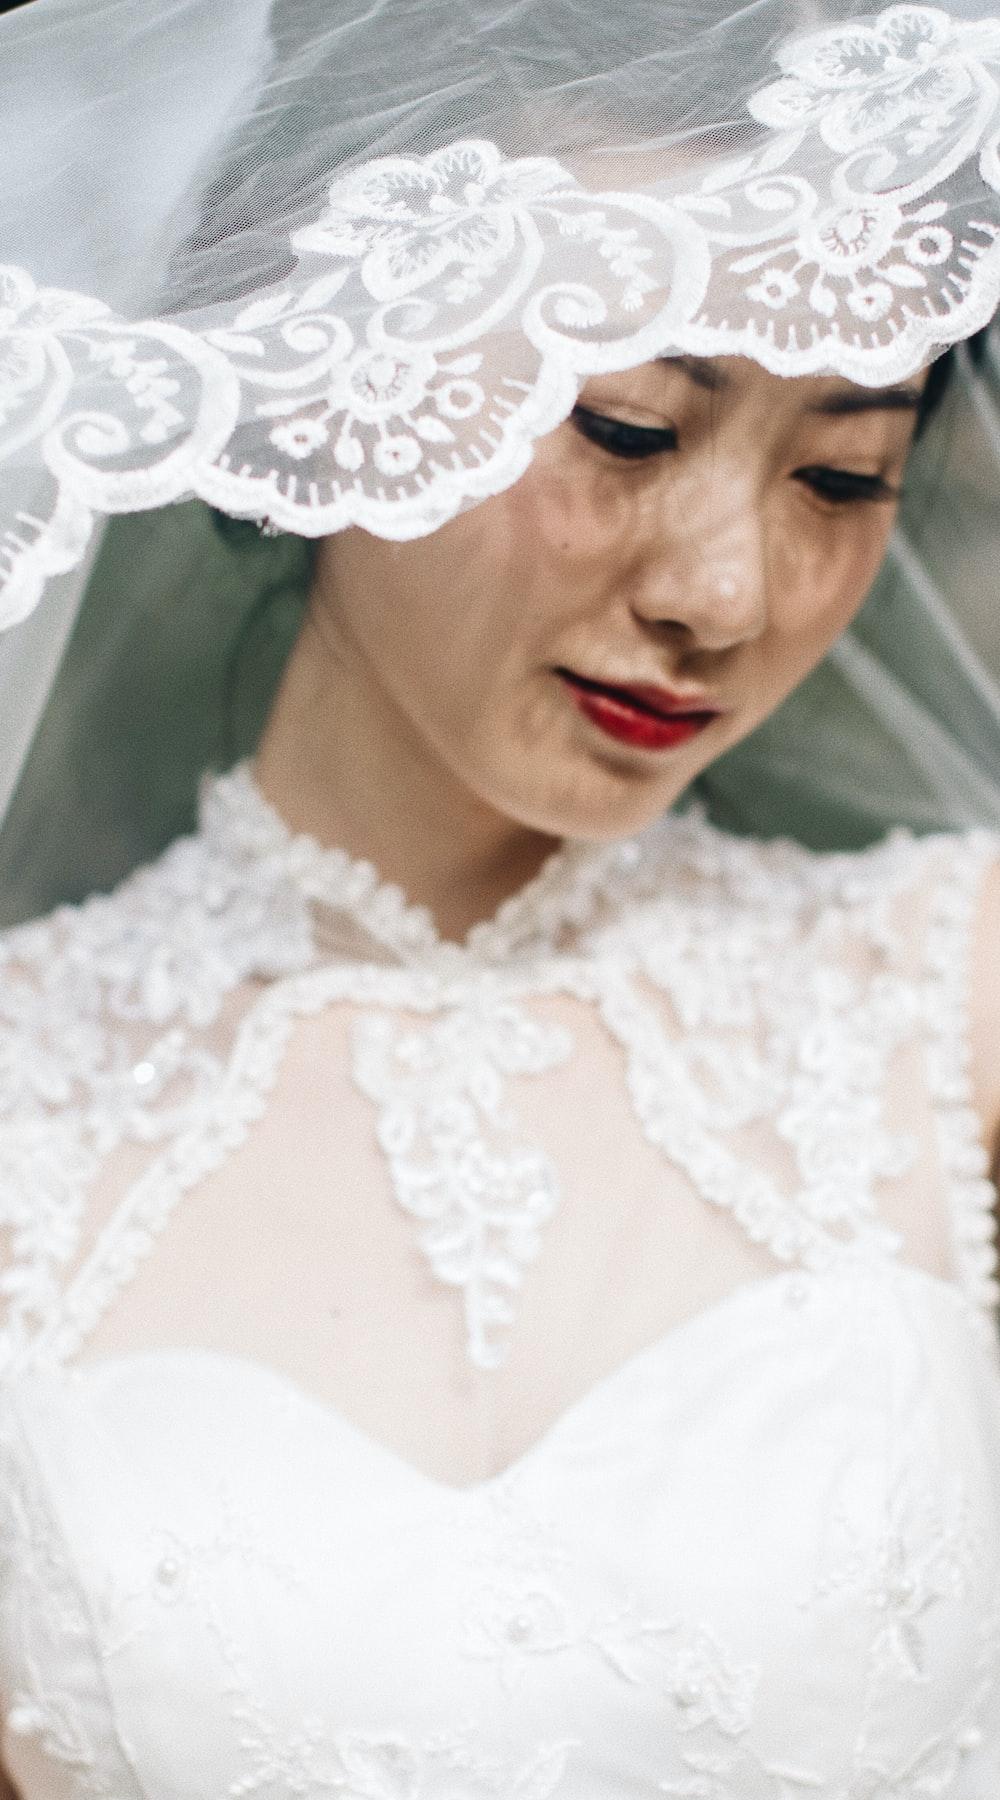 woman wearing white lace wedding dress